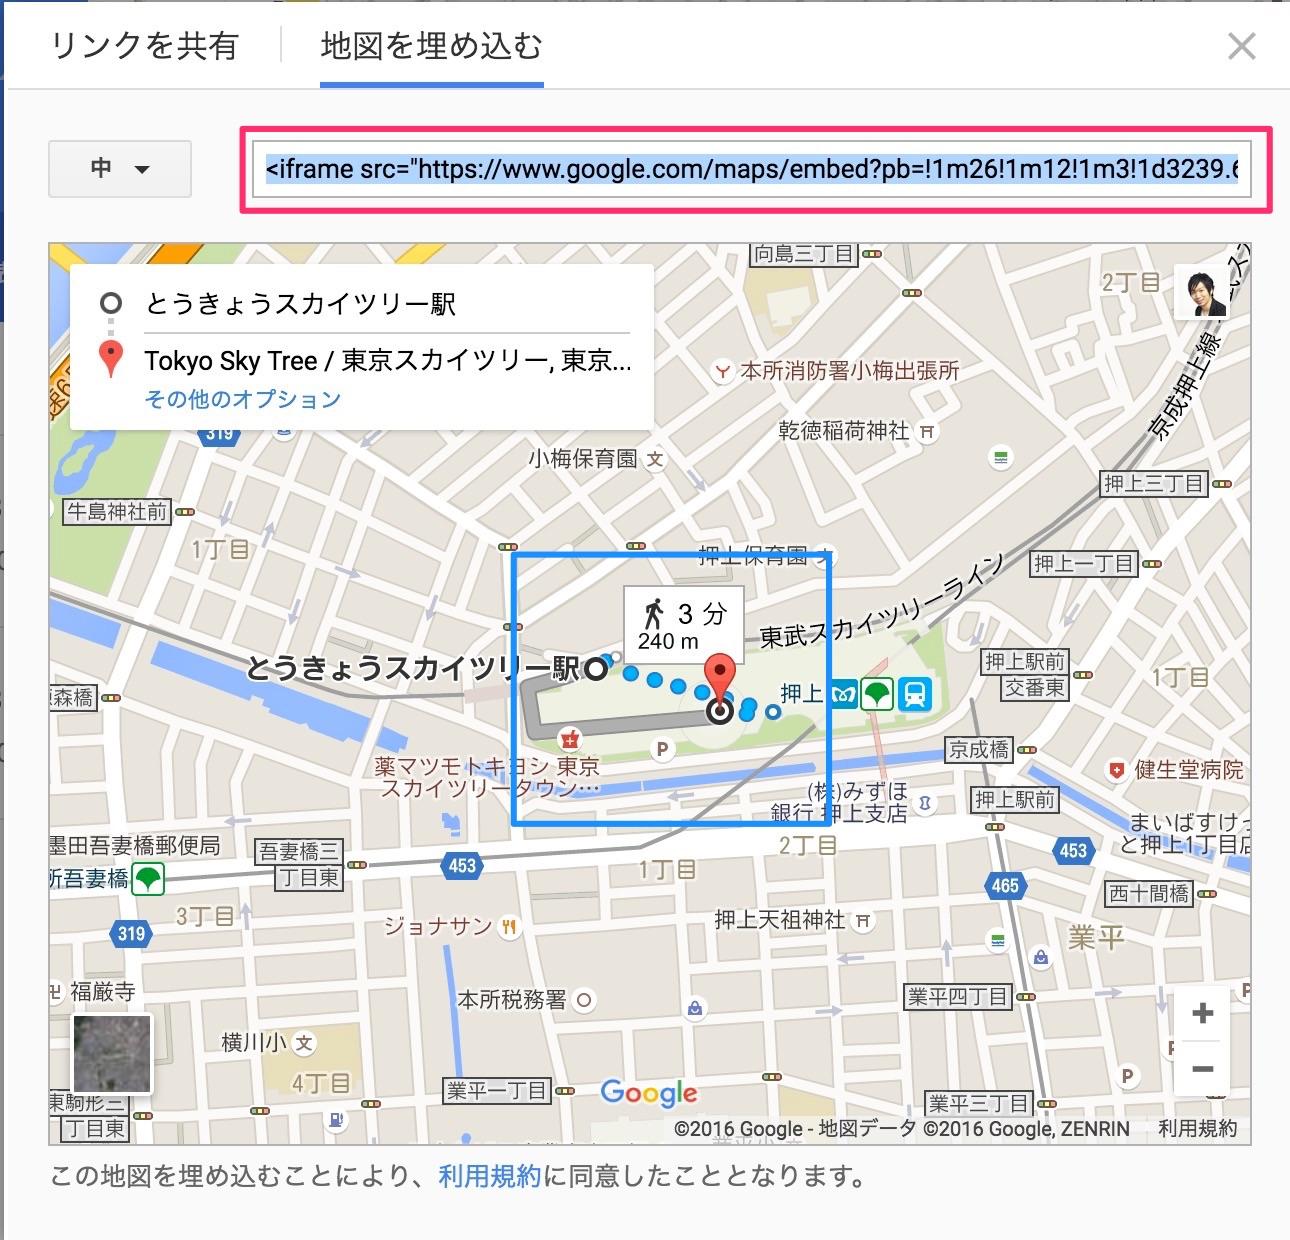 googlemap 埋め込み方法11